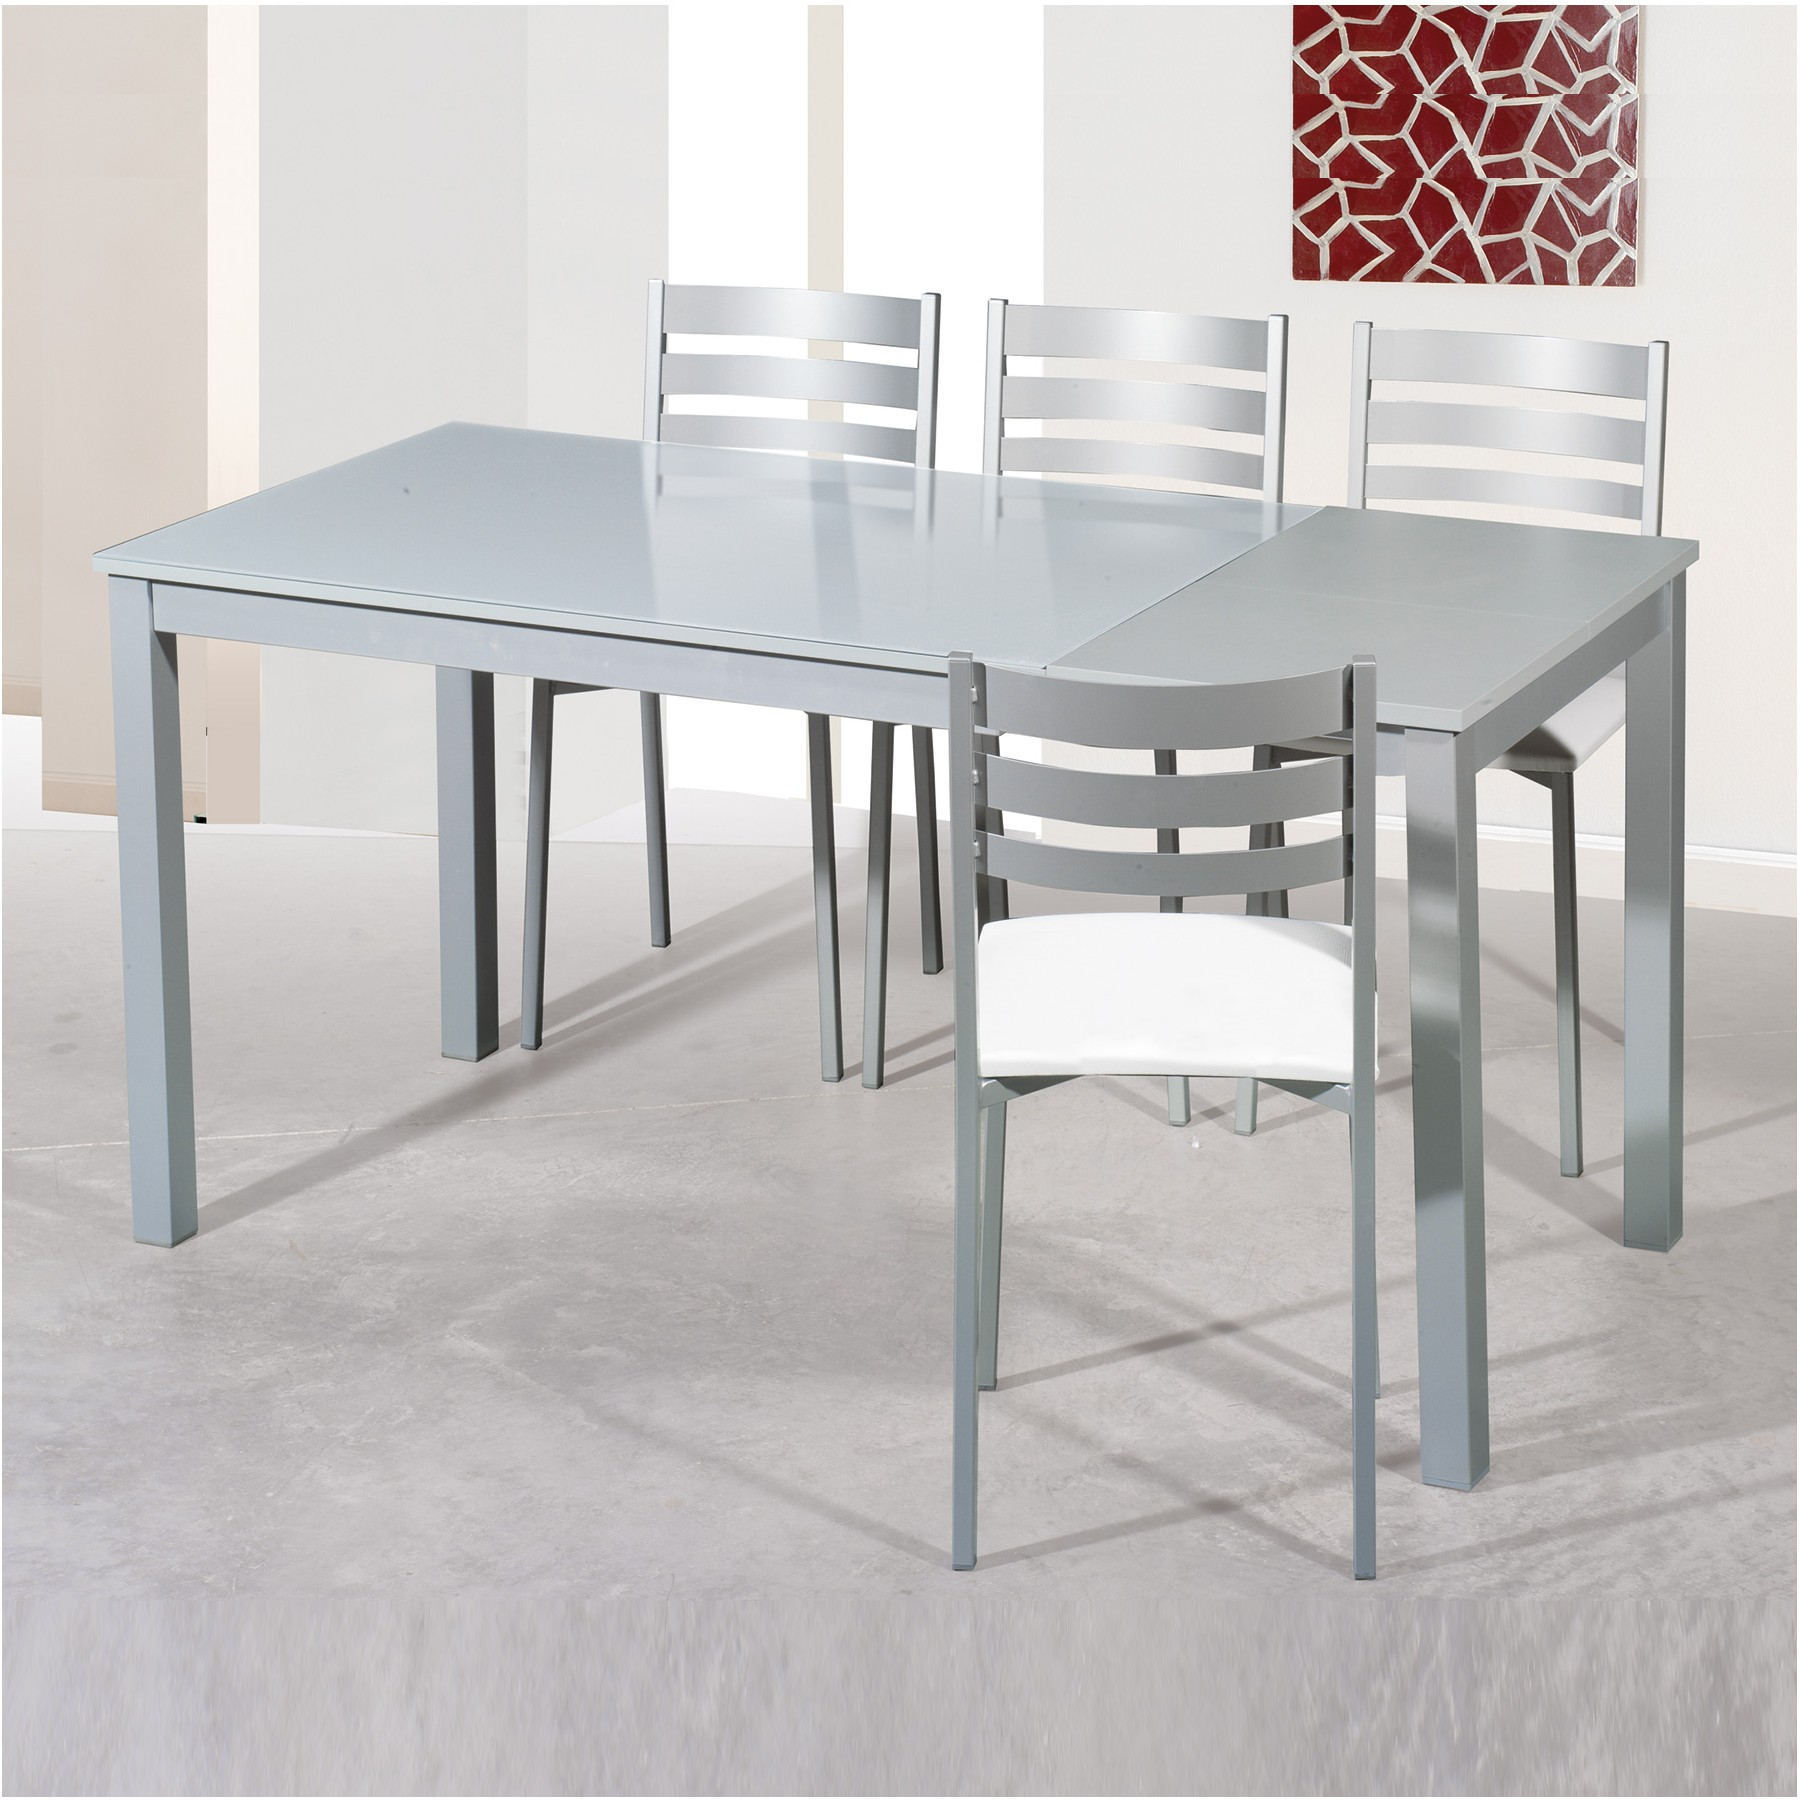 Conjunto de mesa y 2 4 sillas de comedor modelo grey - Conjunto mesa extensible y sillas comedor ...